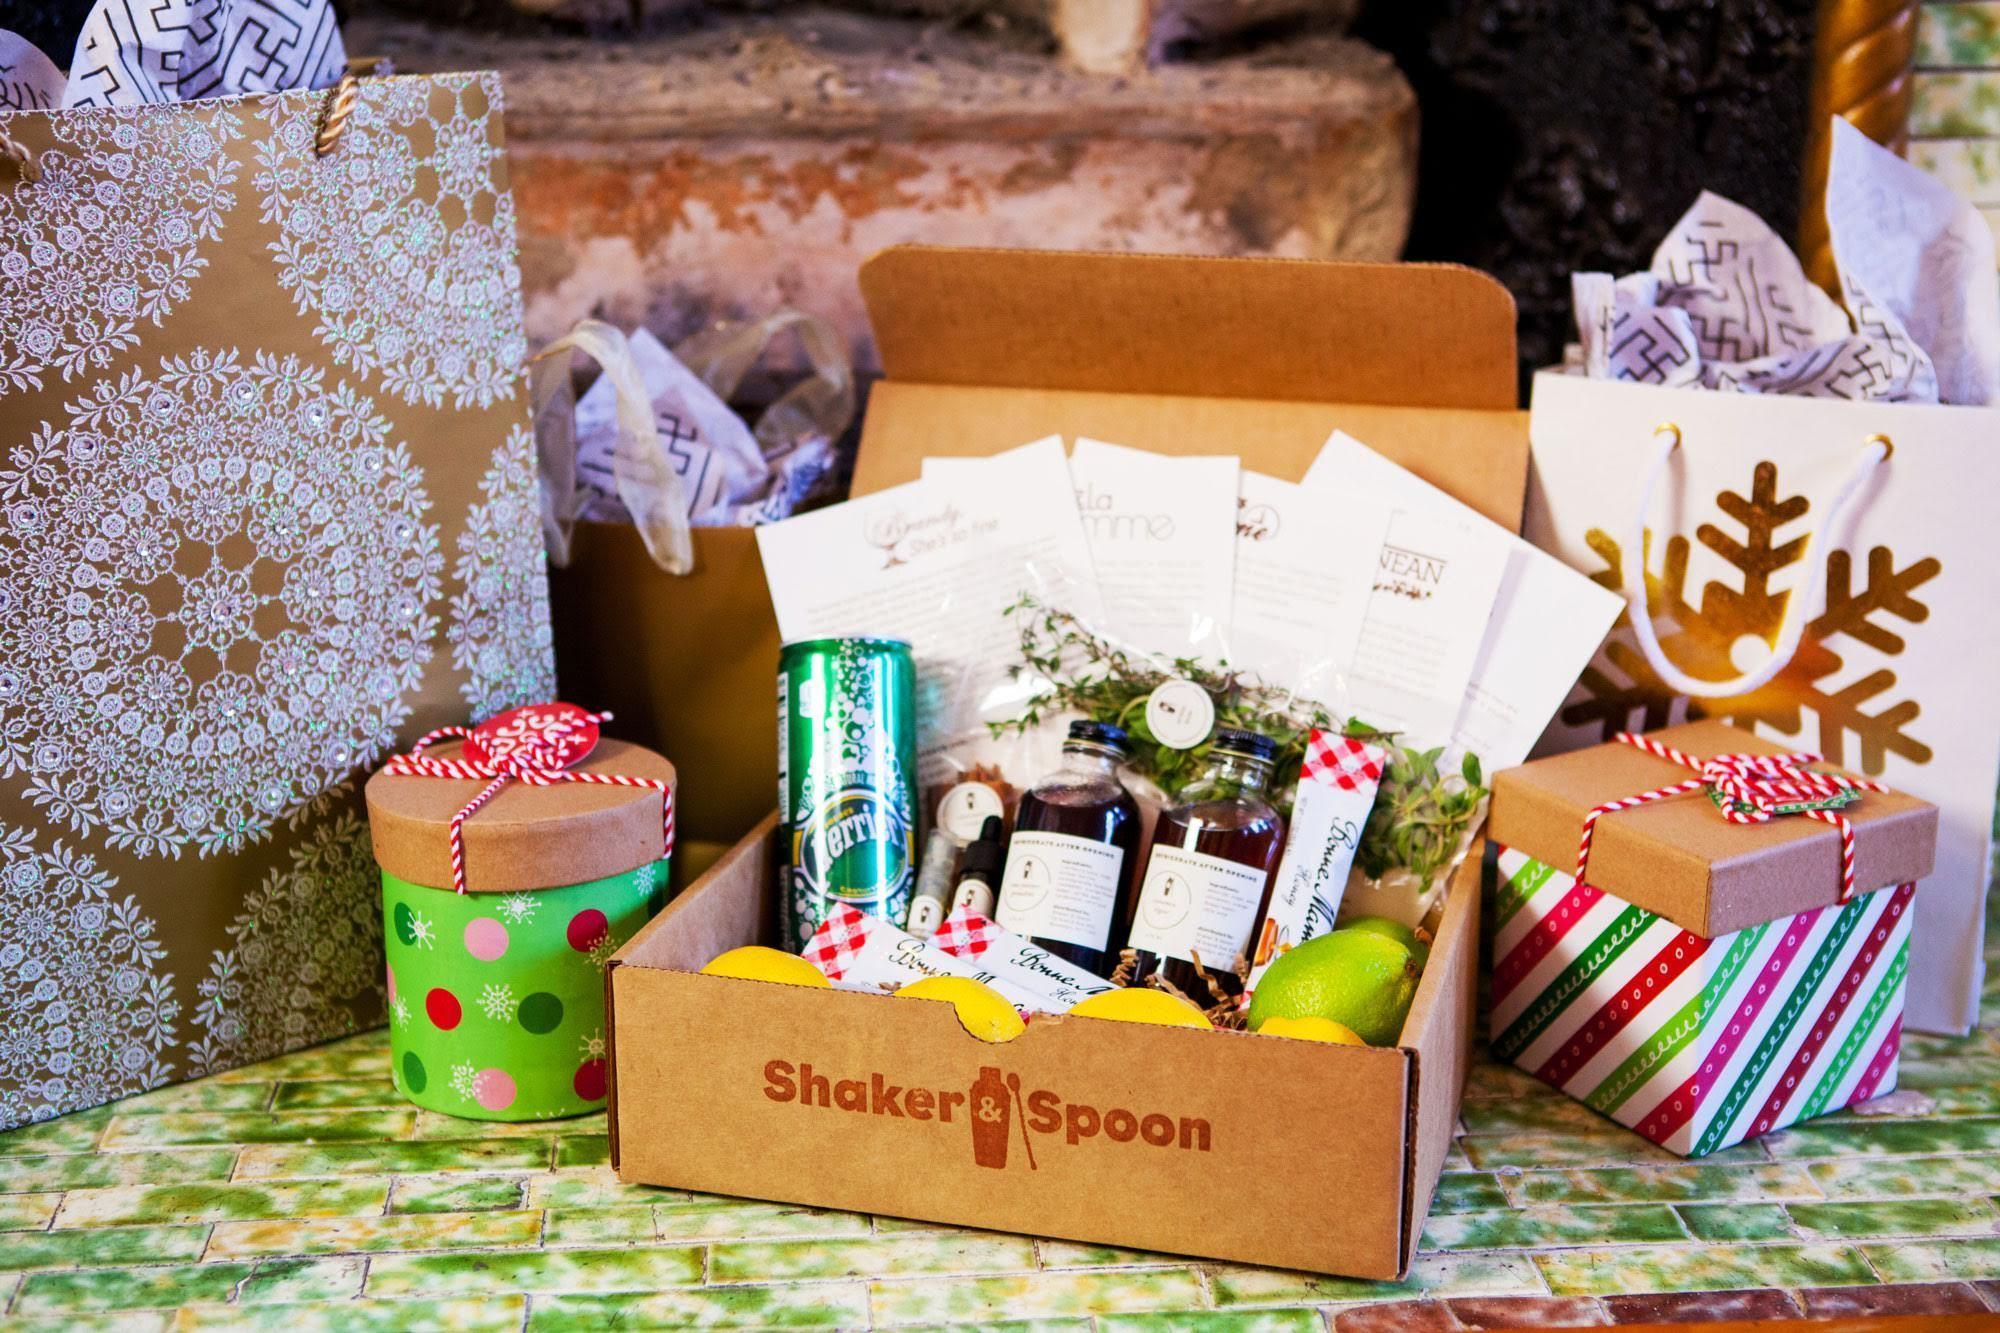 Christmas gifts for herthis holiday season